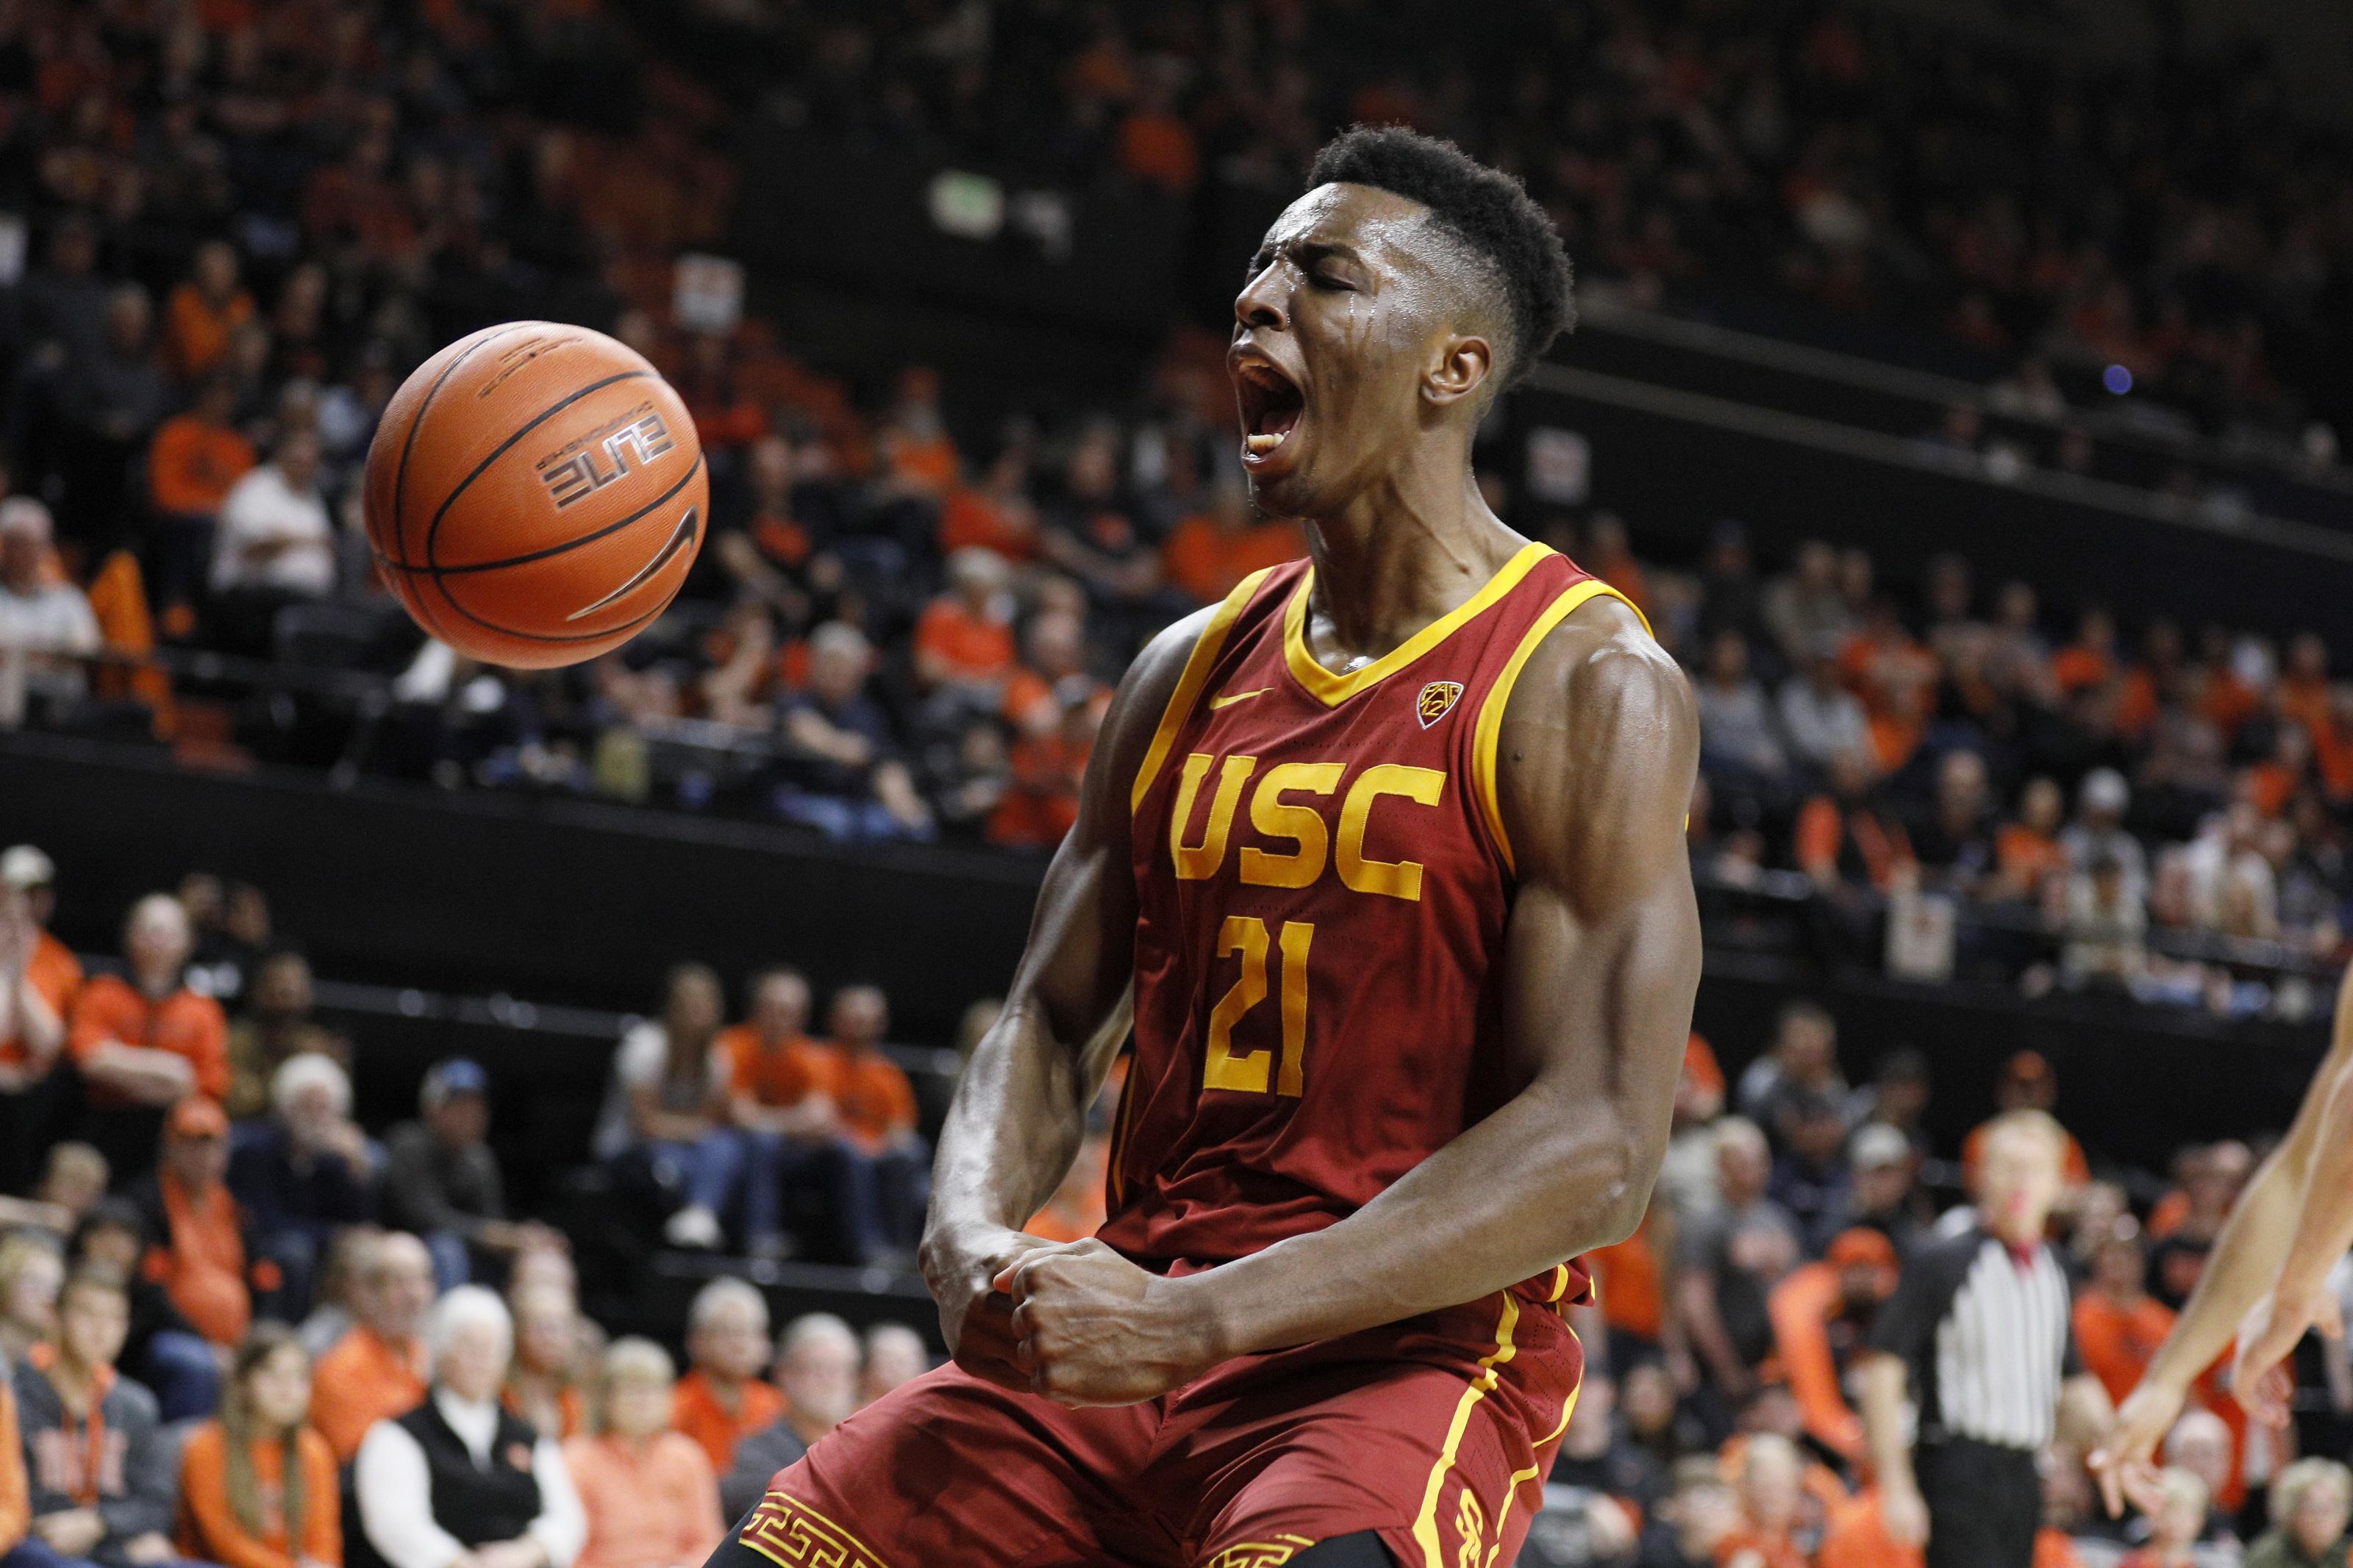 Looking at 2020 NBA Draft Prospect: Onyeka Okongwu